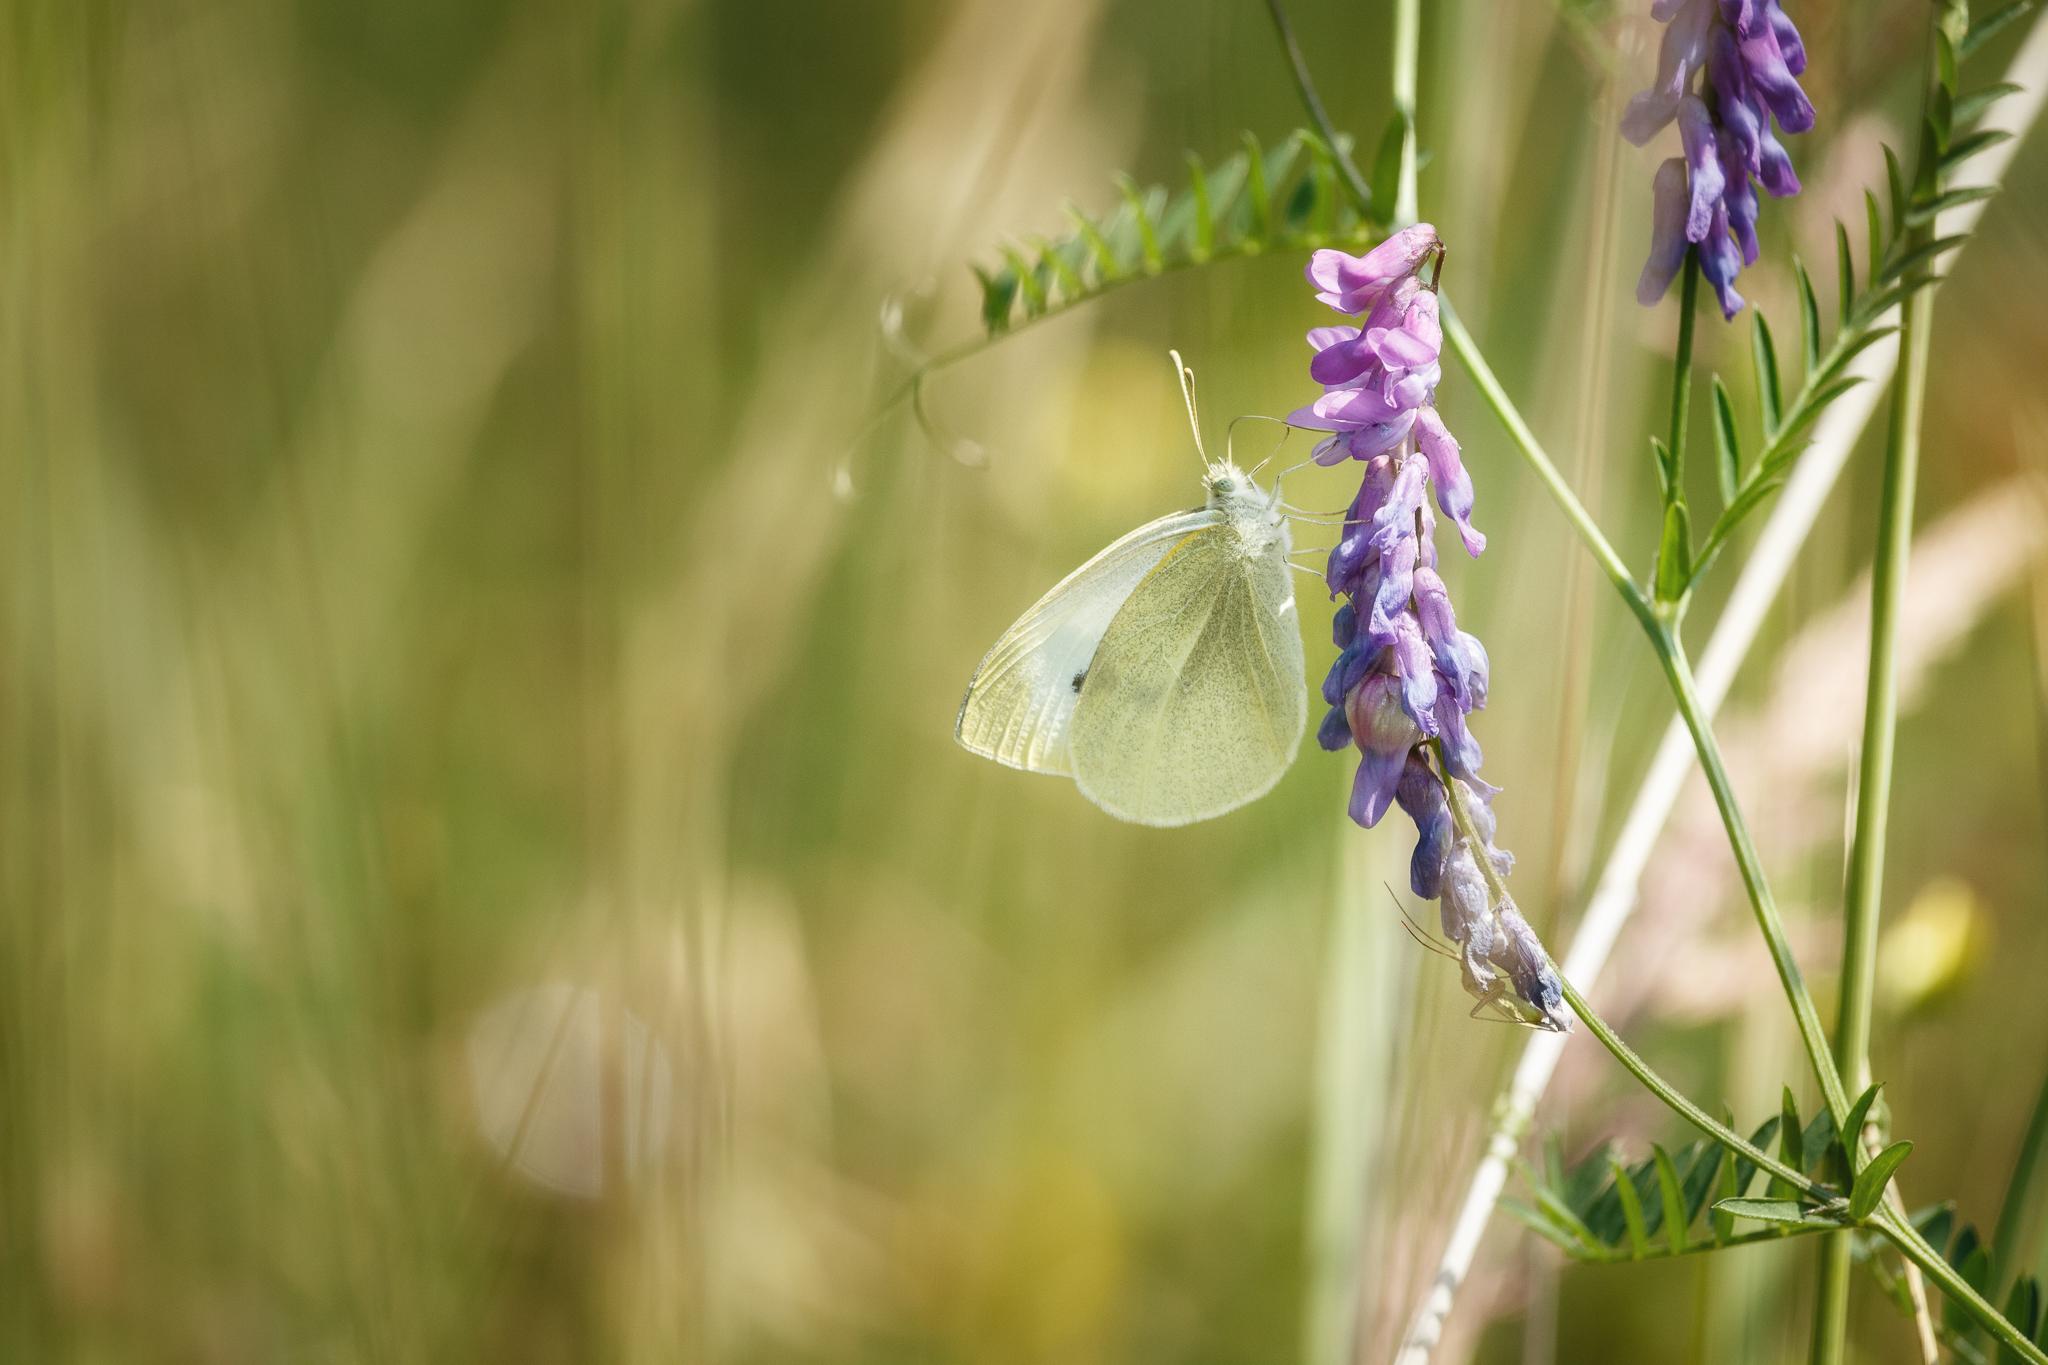 Schmetterling & Spinne.